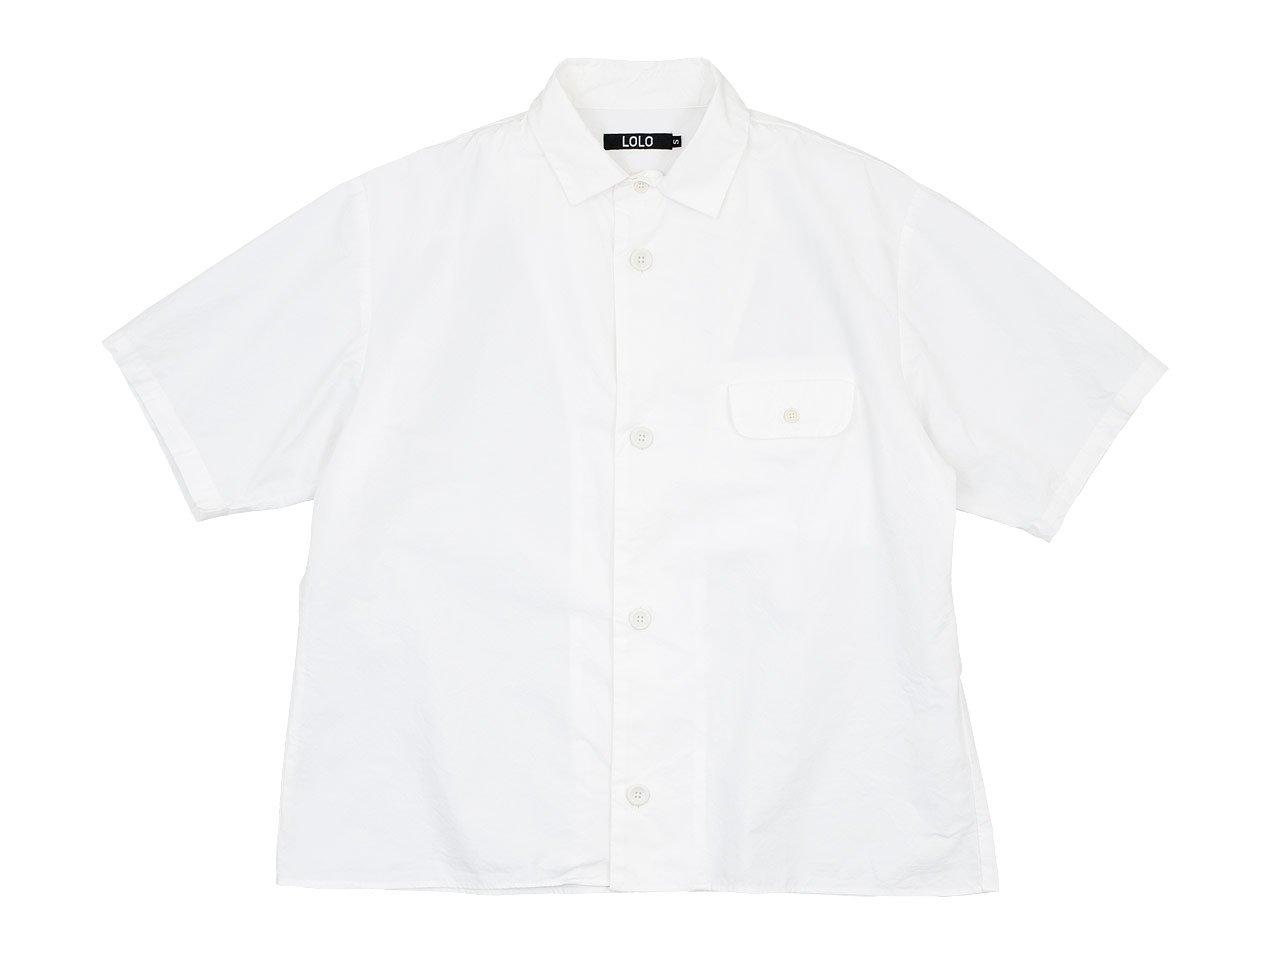 LOLO ステッチなし半袖シャツ OFF WHITE